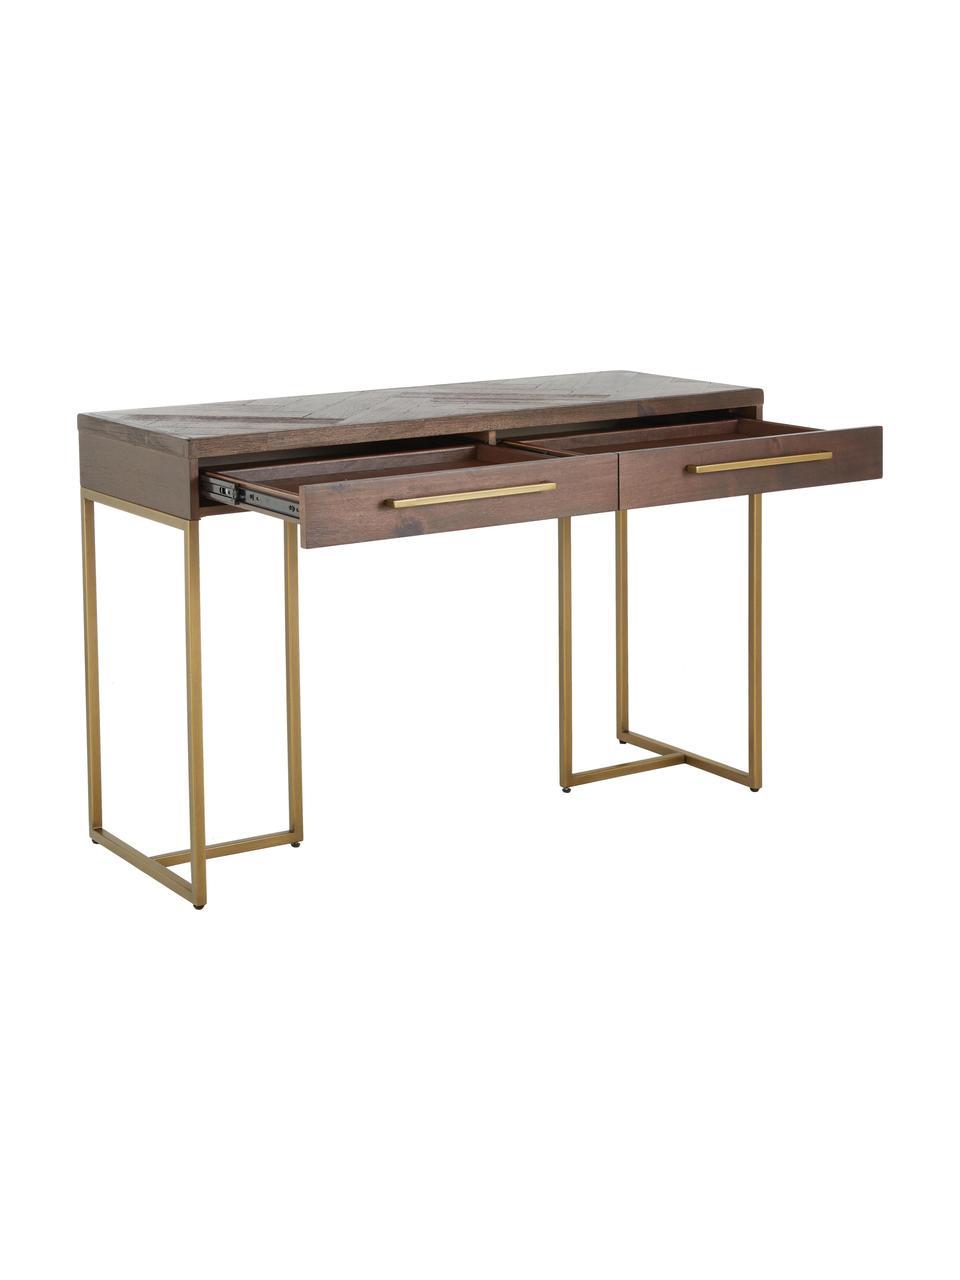 Consola en acacia Clase, Estructura: tablero de fibra de densi, Acacia, latón, An 120 x Al 80 cm